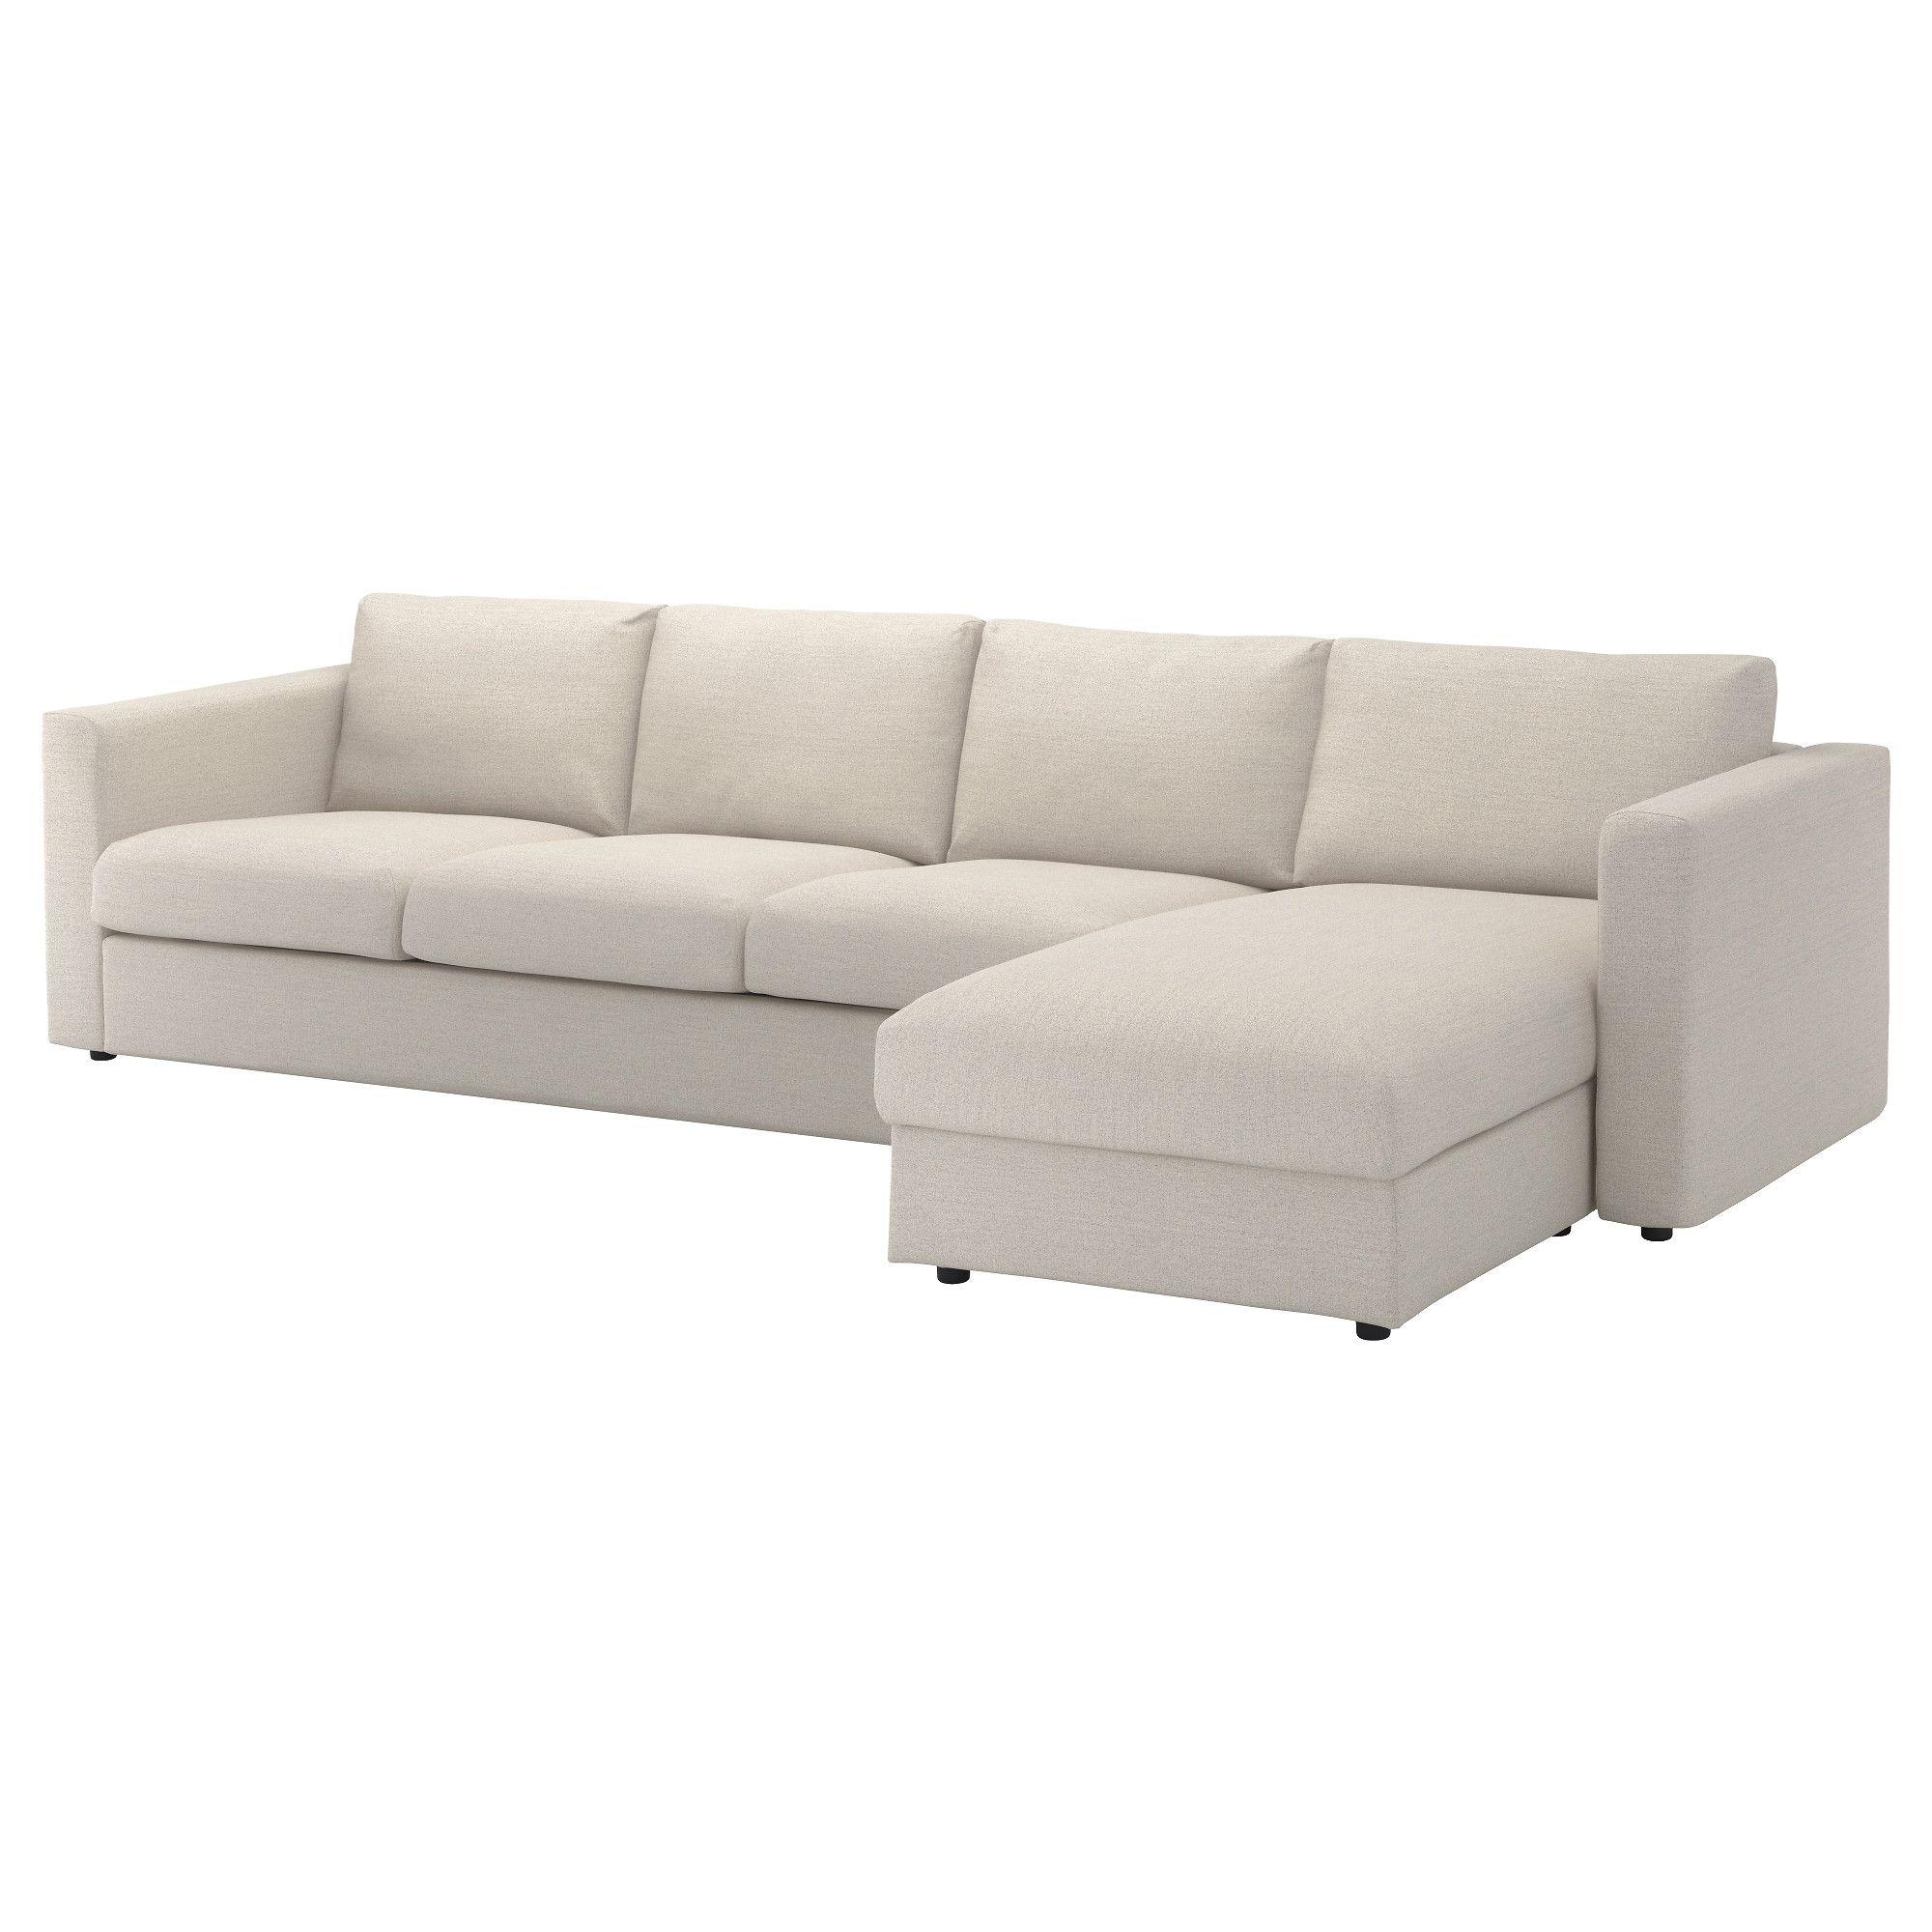 VIMLE, 4er-Sofa, mit Récamiere, beige Jetzt bestellen unter: https ...